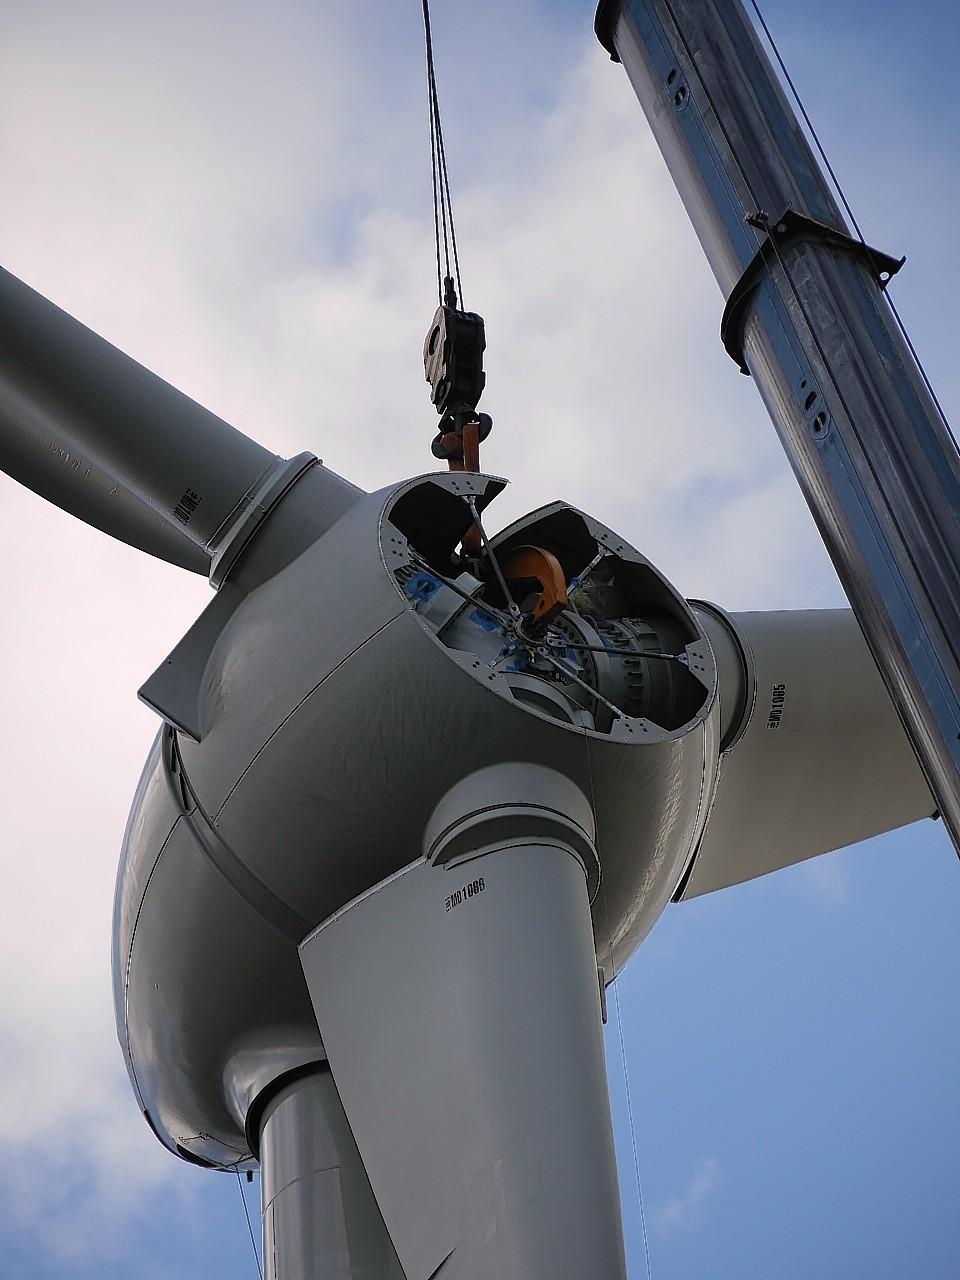 Fetterangus' turbine